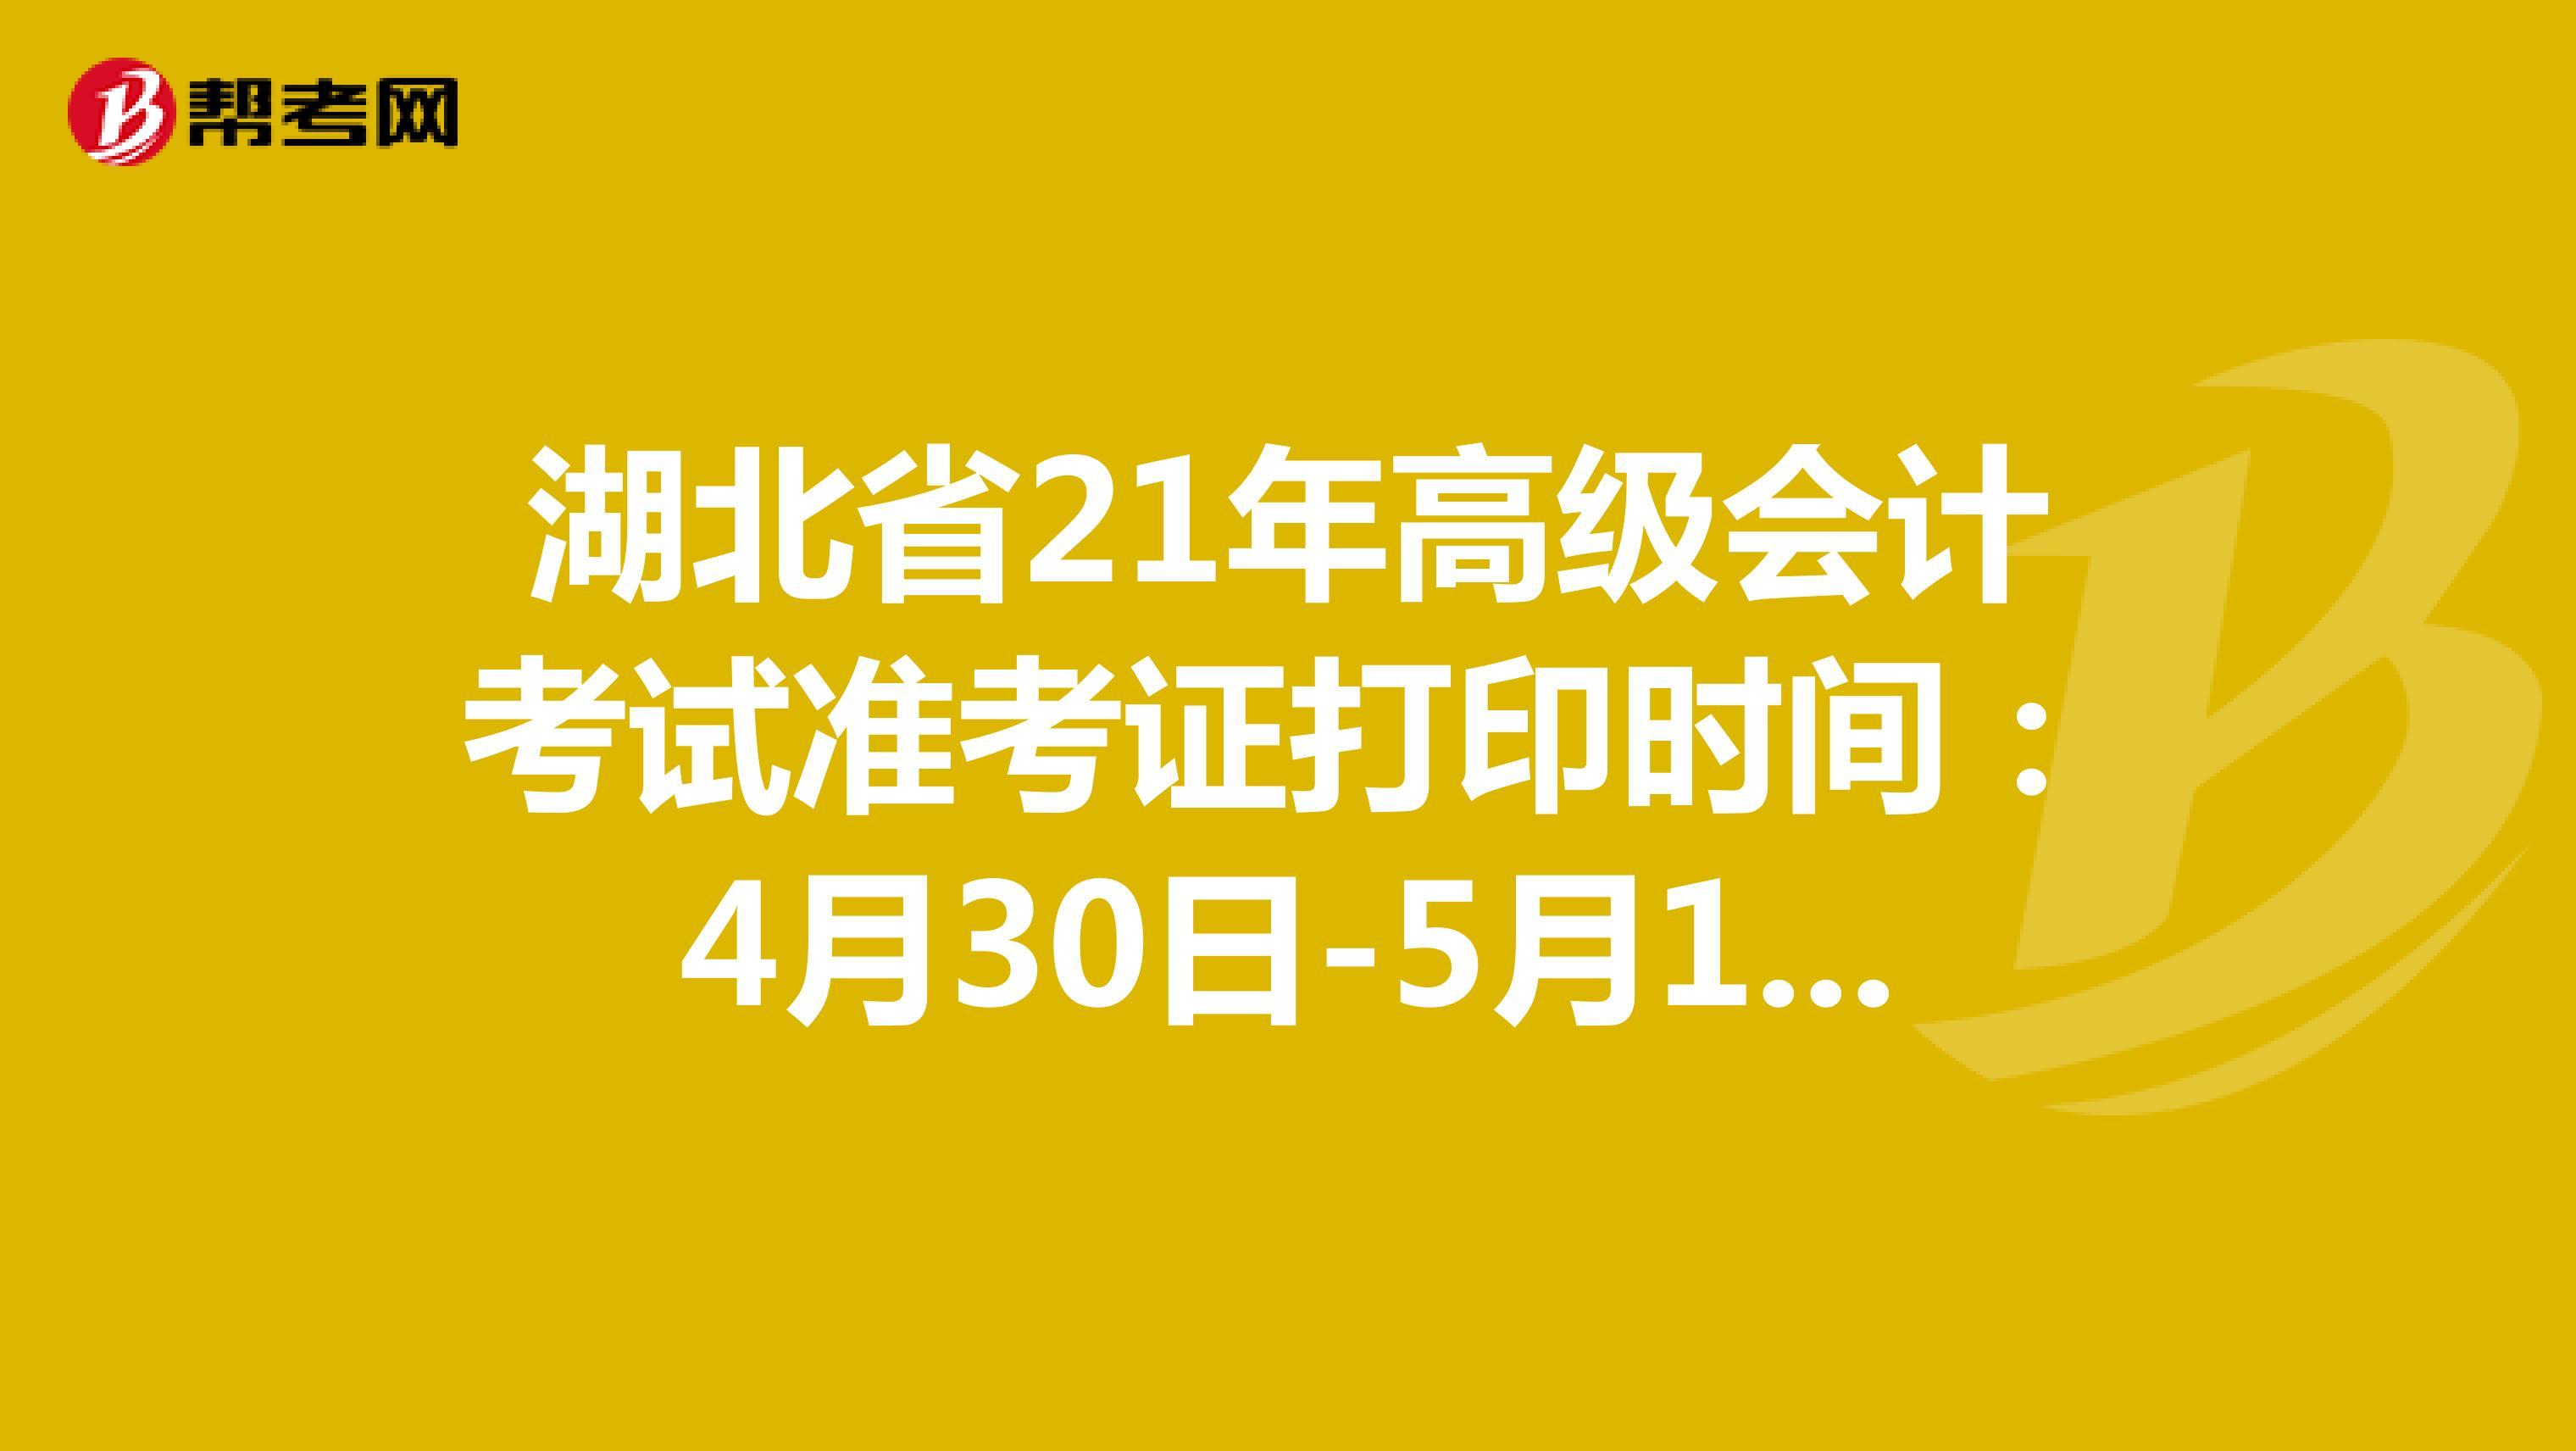 湖北省21年高级会计考试准考证打印时间:4月30日-5月11日